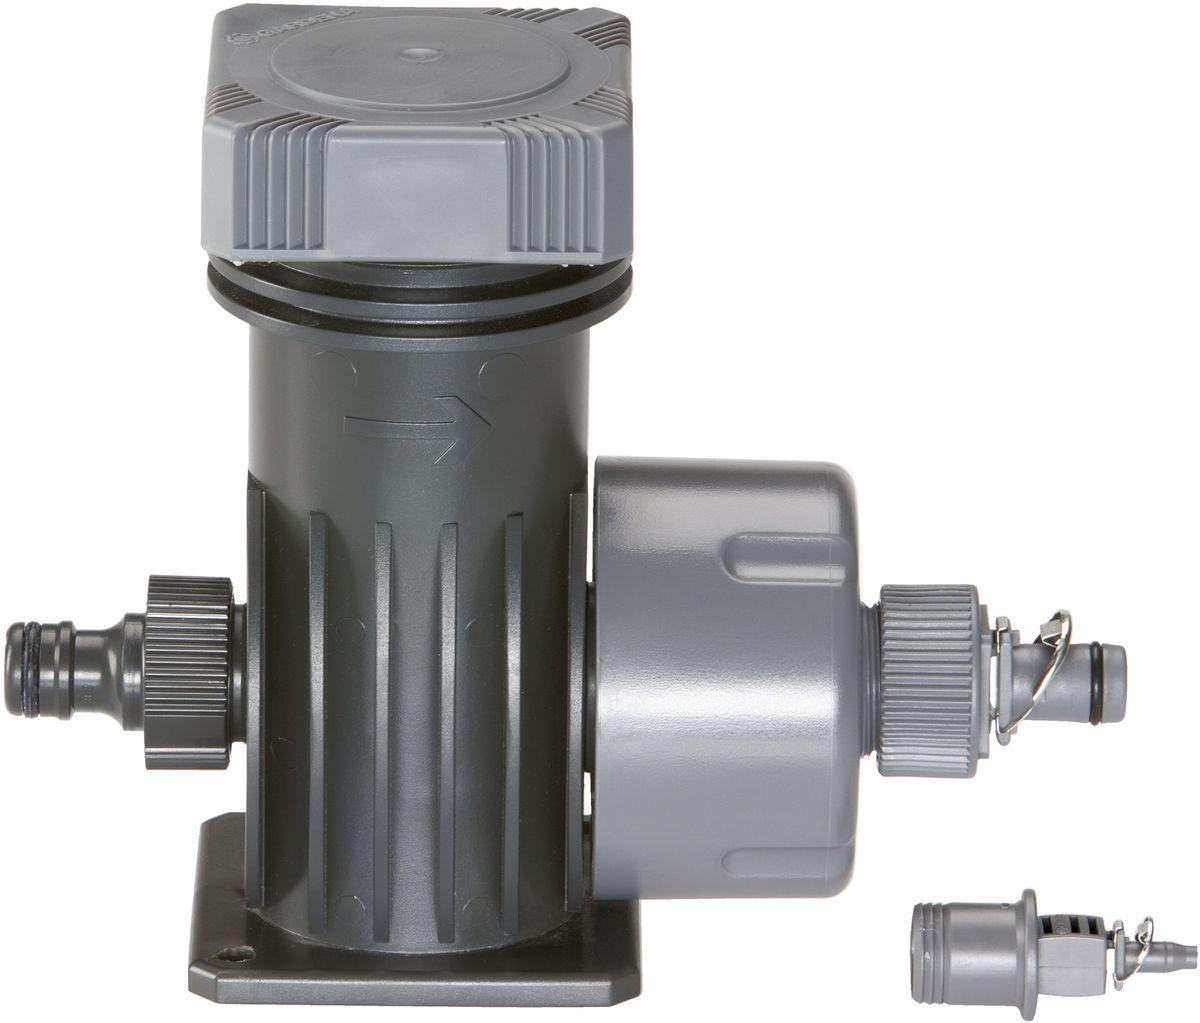 Мастер-блок Gardena, 2000. 01354-20.000.0001354-20.000.00Мастер-блок 2000 GARDENA является основным элементом системы микрокапельного полива GARDENA Micro-Drip-System. За счет снижения начального давления до рабочего давления (около 1,5 бар) он обеспечивает оптимальную производительность подключенных капельниц и наконечников для полива. Производительность мастер-блока - около 2 000 л/ч. Фильтр высокой эффективности обеспечивает оптимальную фильтрацию воды. Мастер-блок снабжен всеми необходимыми соединителями. Благодаря патентованной технологии быстрого подсоединения Quick & Easy, установка мастер-блока чрезвычайно проста.